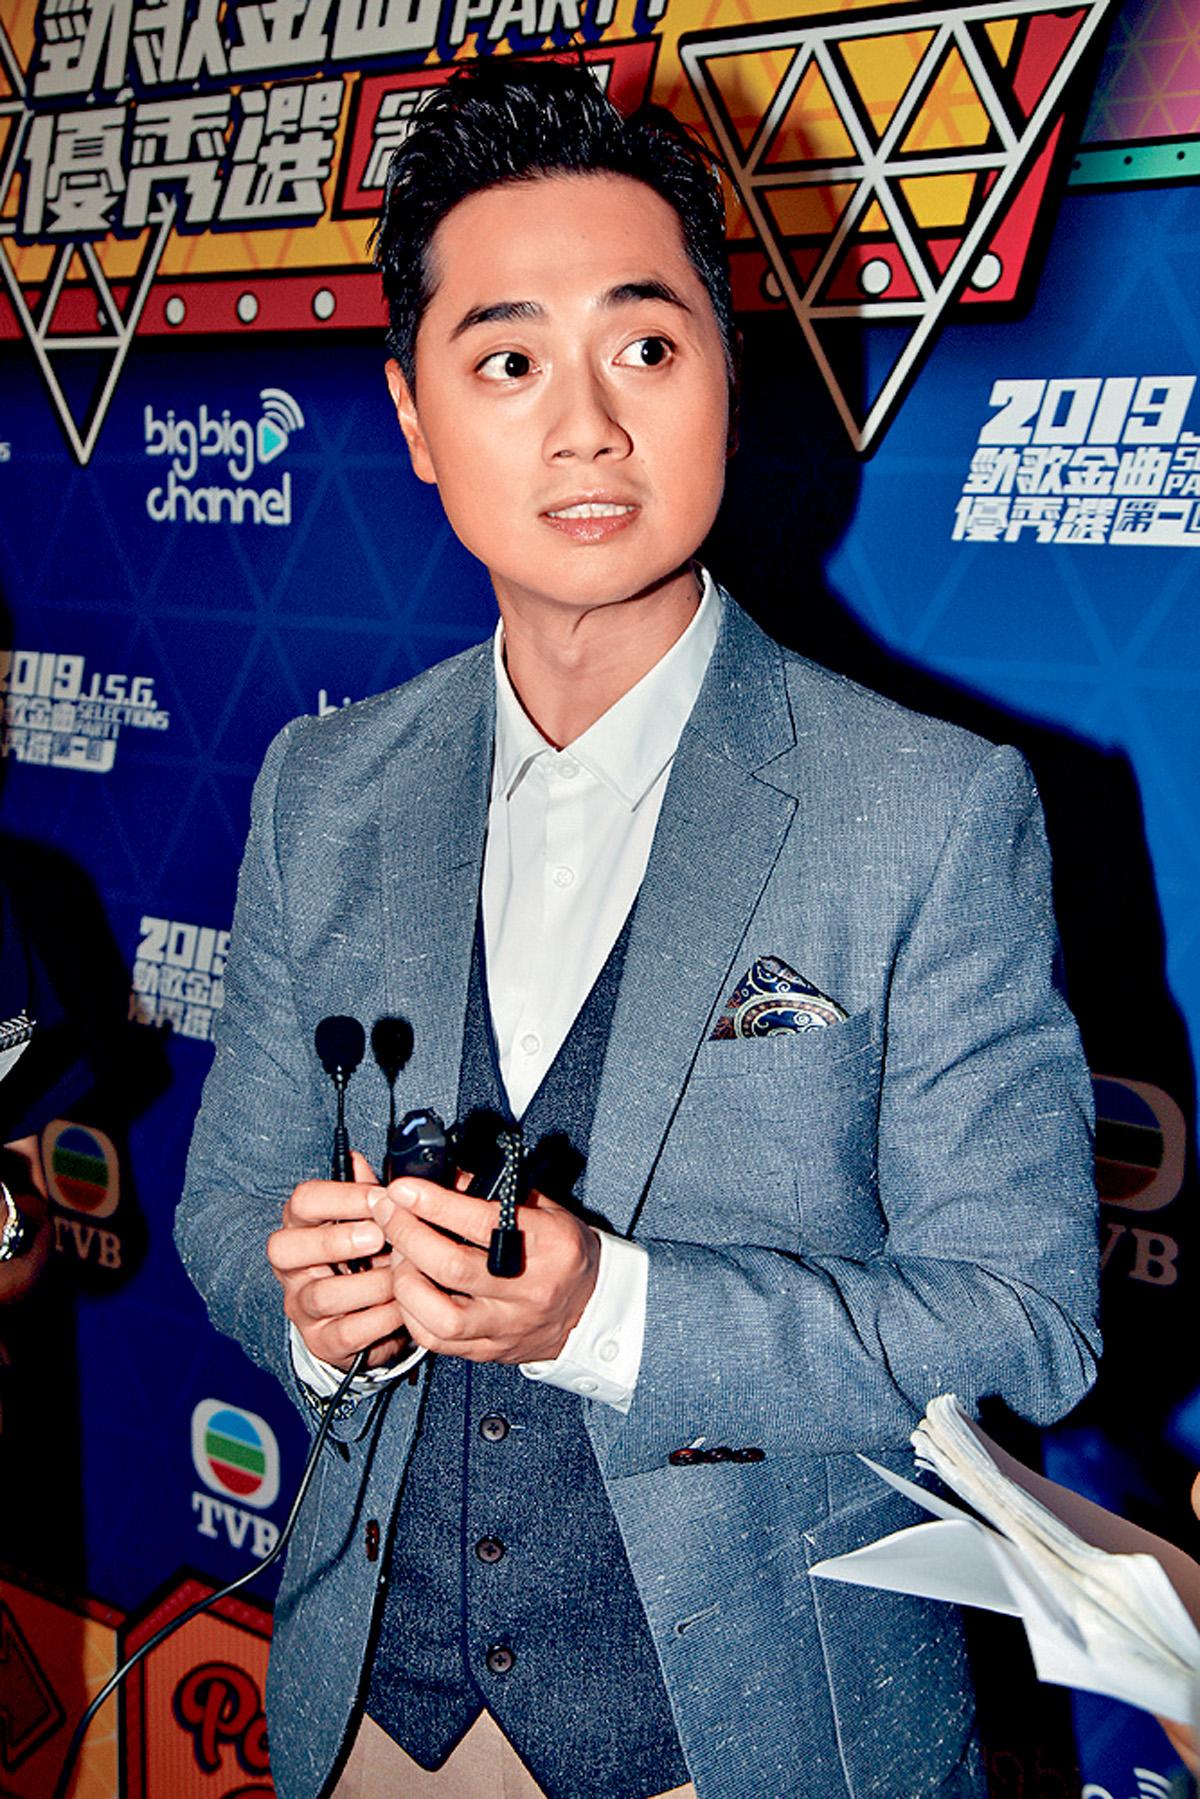 ■鄭俊弘已完成他的《法證先鋒IV》補拍戲分。